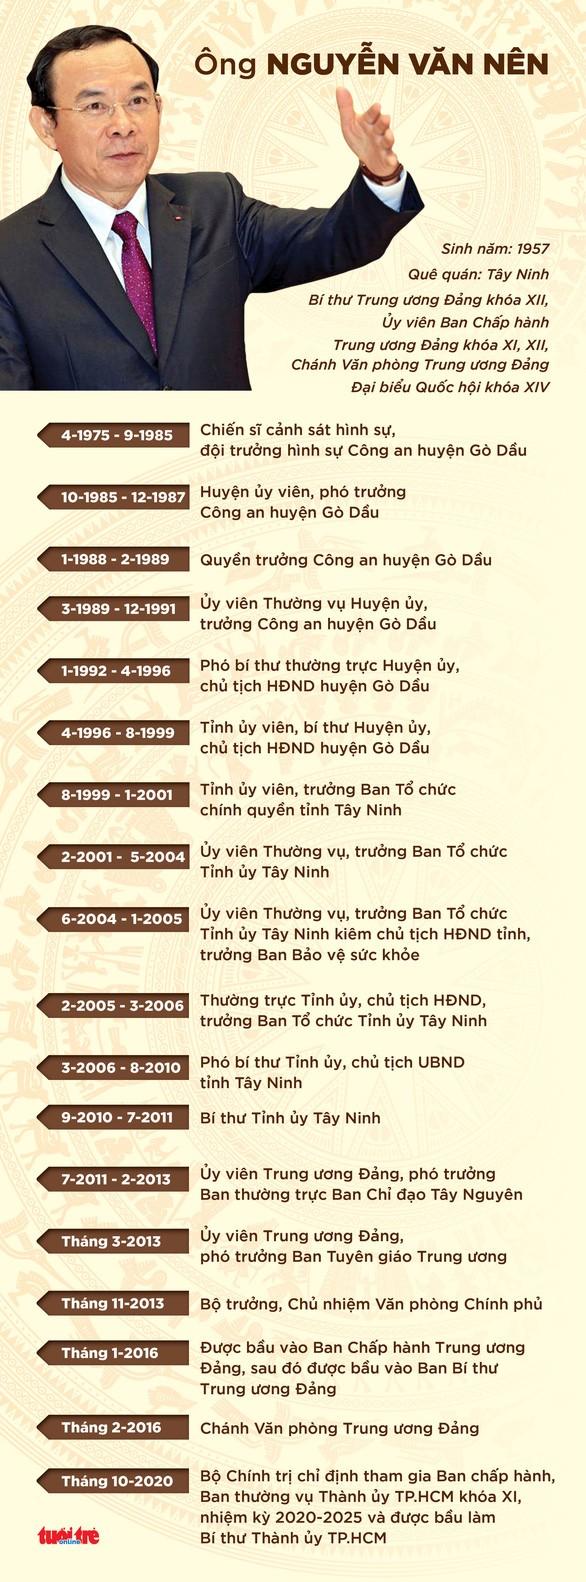 Đại biểu Nguyễn Văn Nên chuyển về Đoàn đại biểu Quốc hội TP.HCM ảnh 2